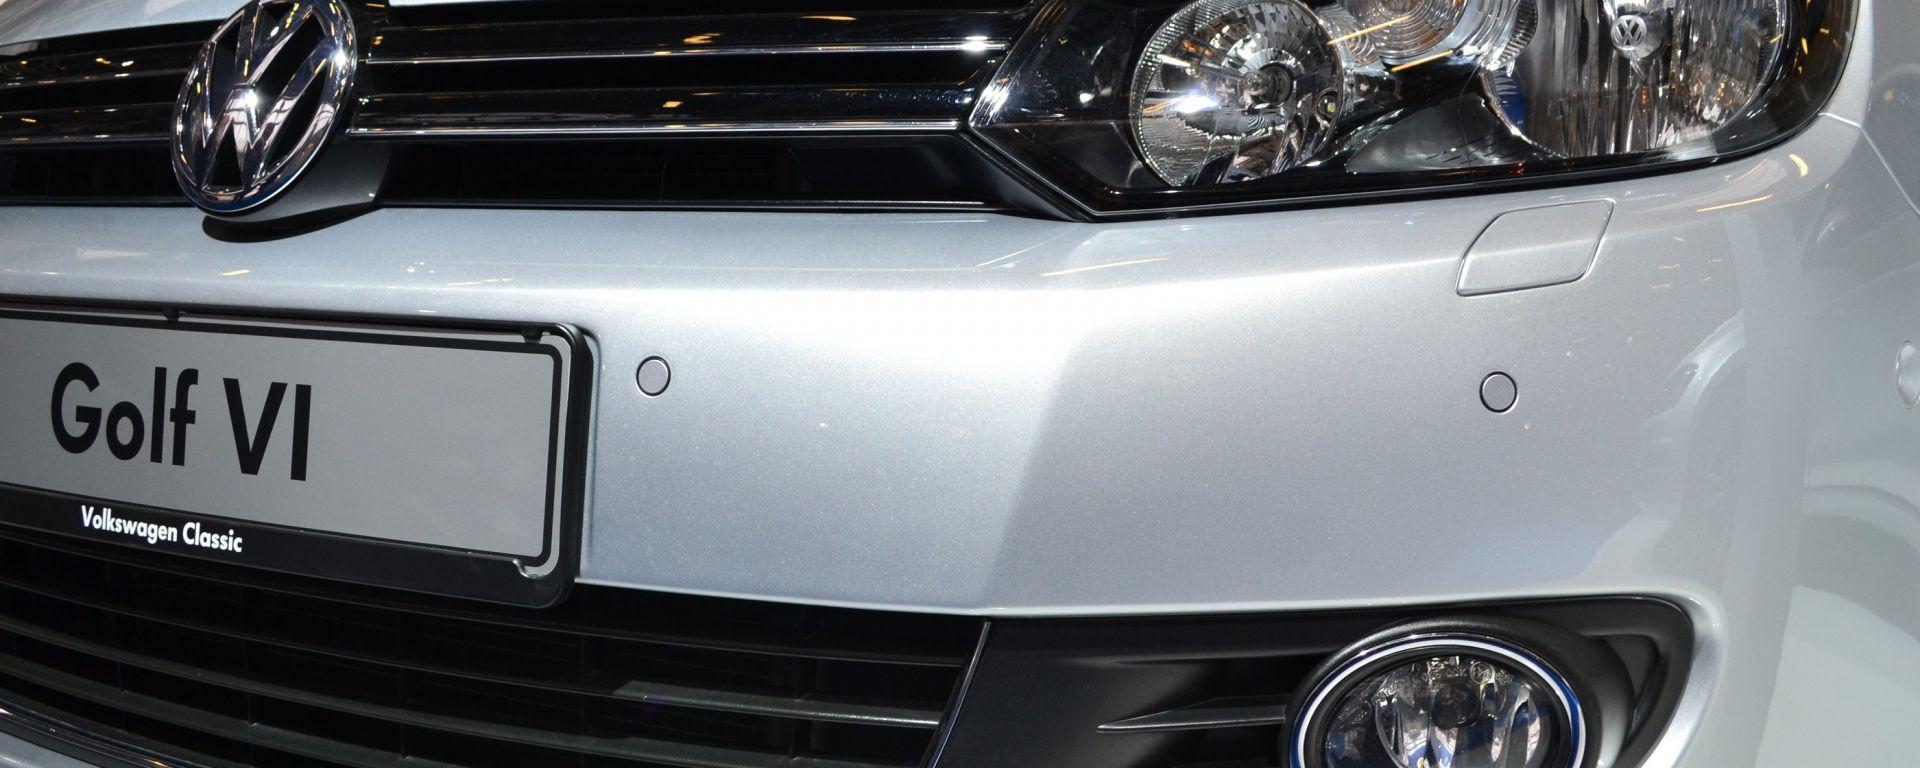 Volkswagen Golf VI: 2008-2012